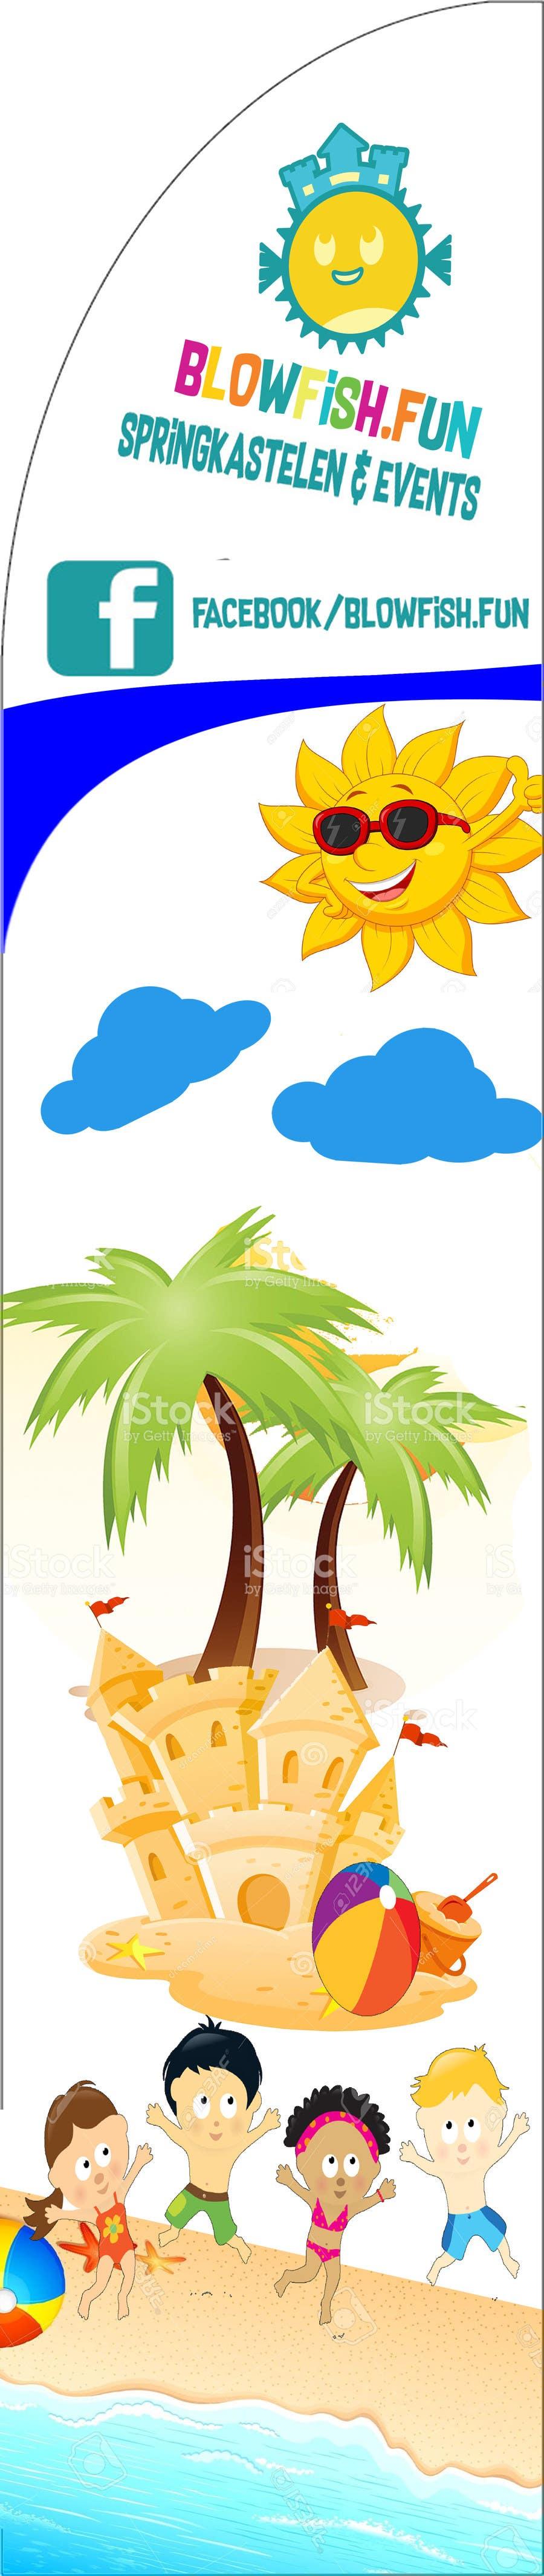 Proposition n°7 du concours Beachflag-design